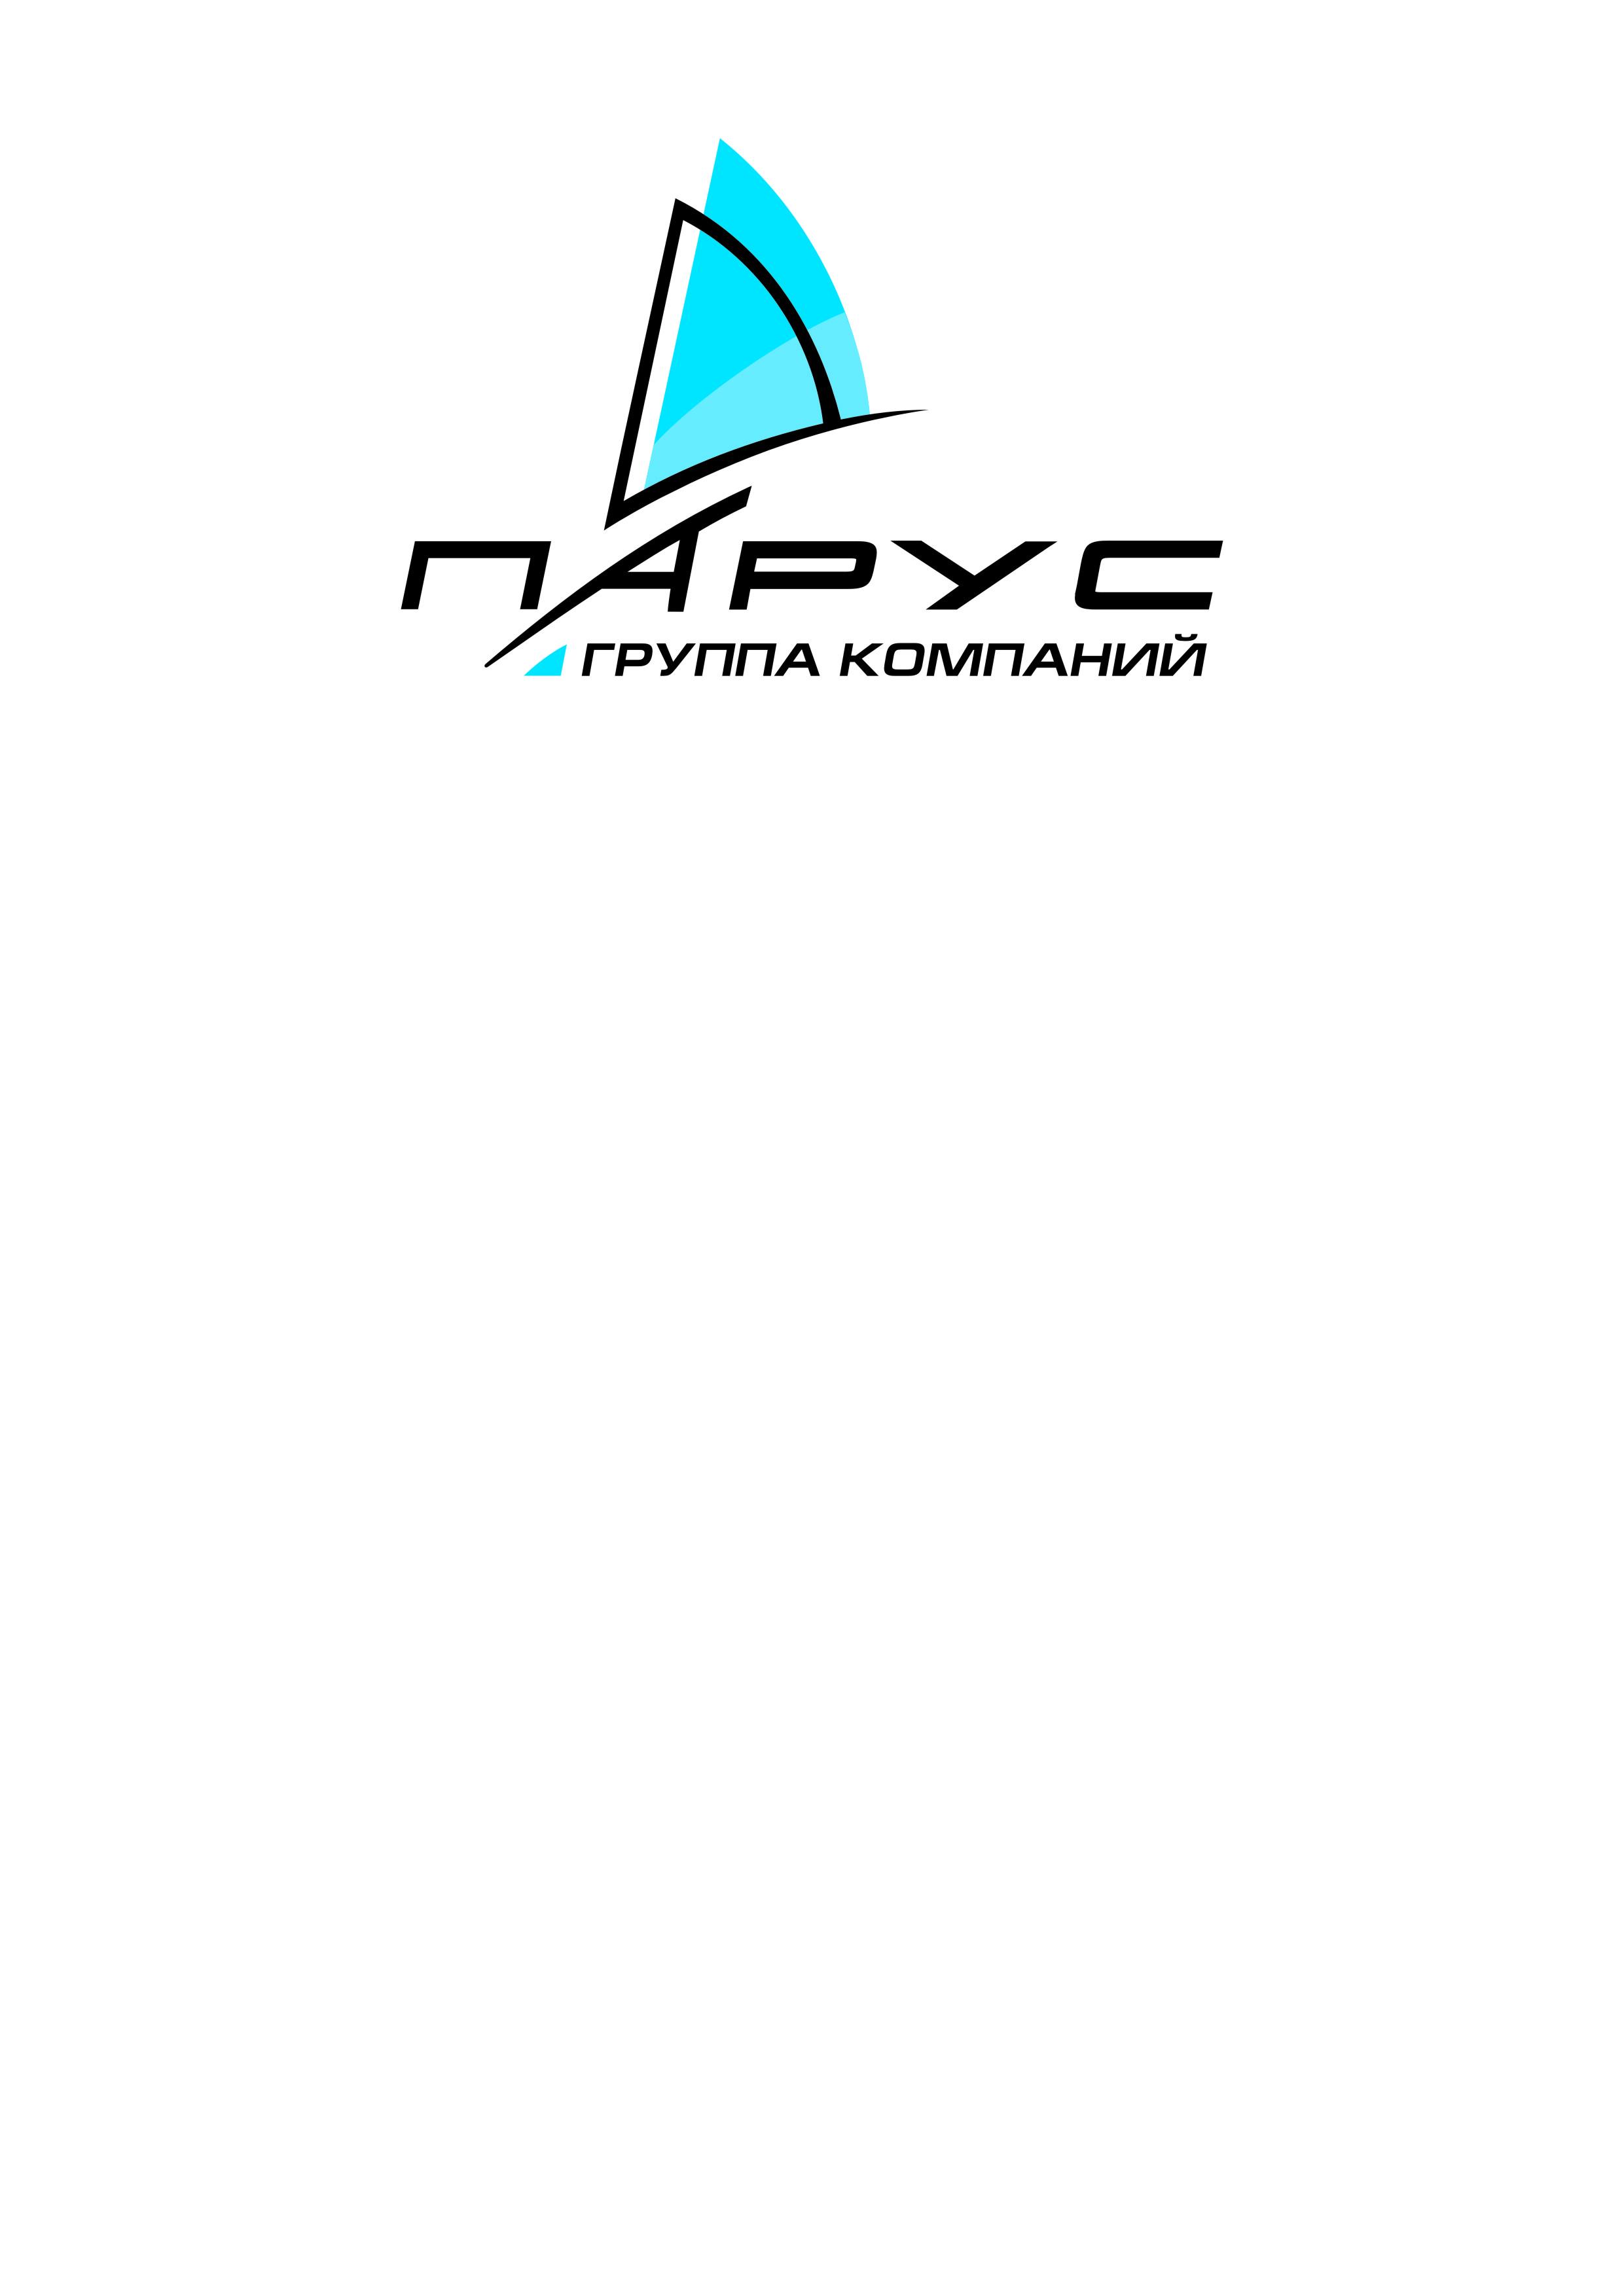 сетевые решения компания официальный сайт